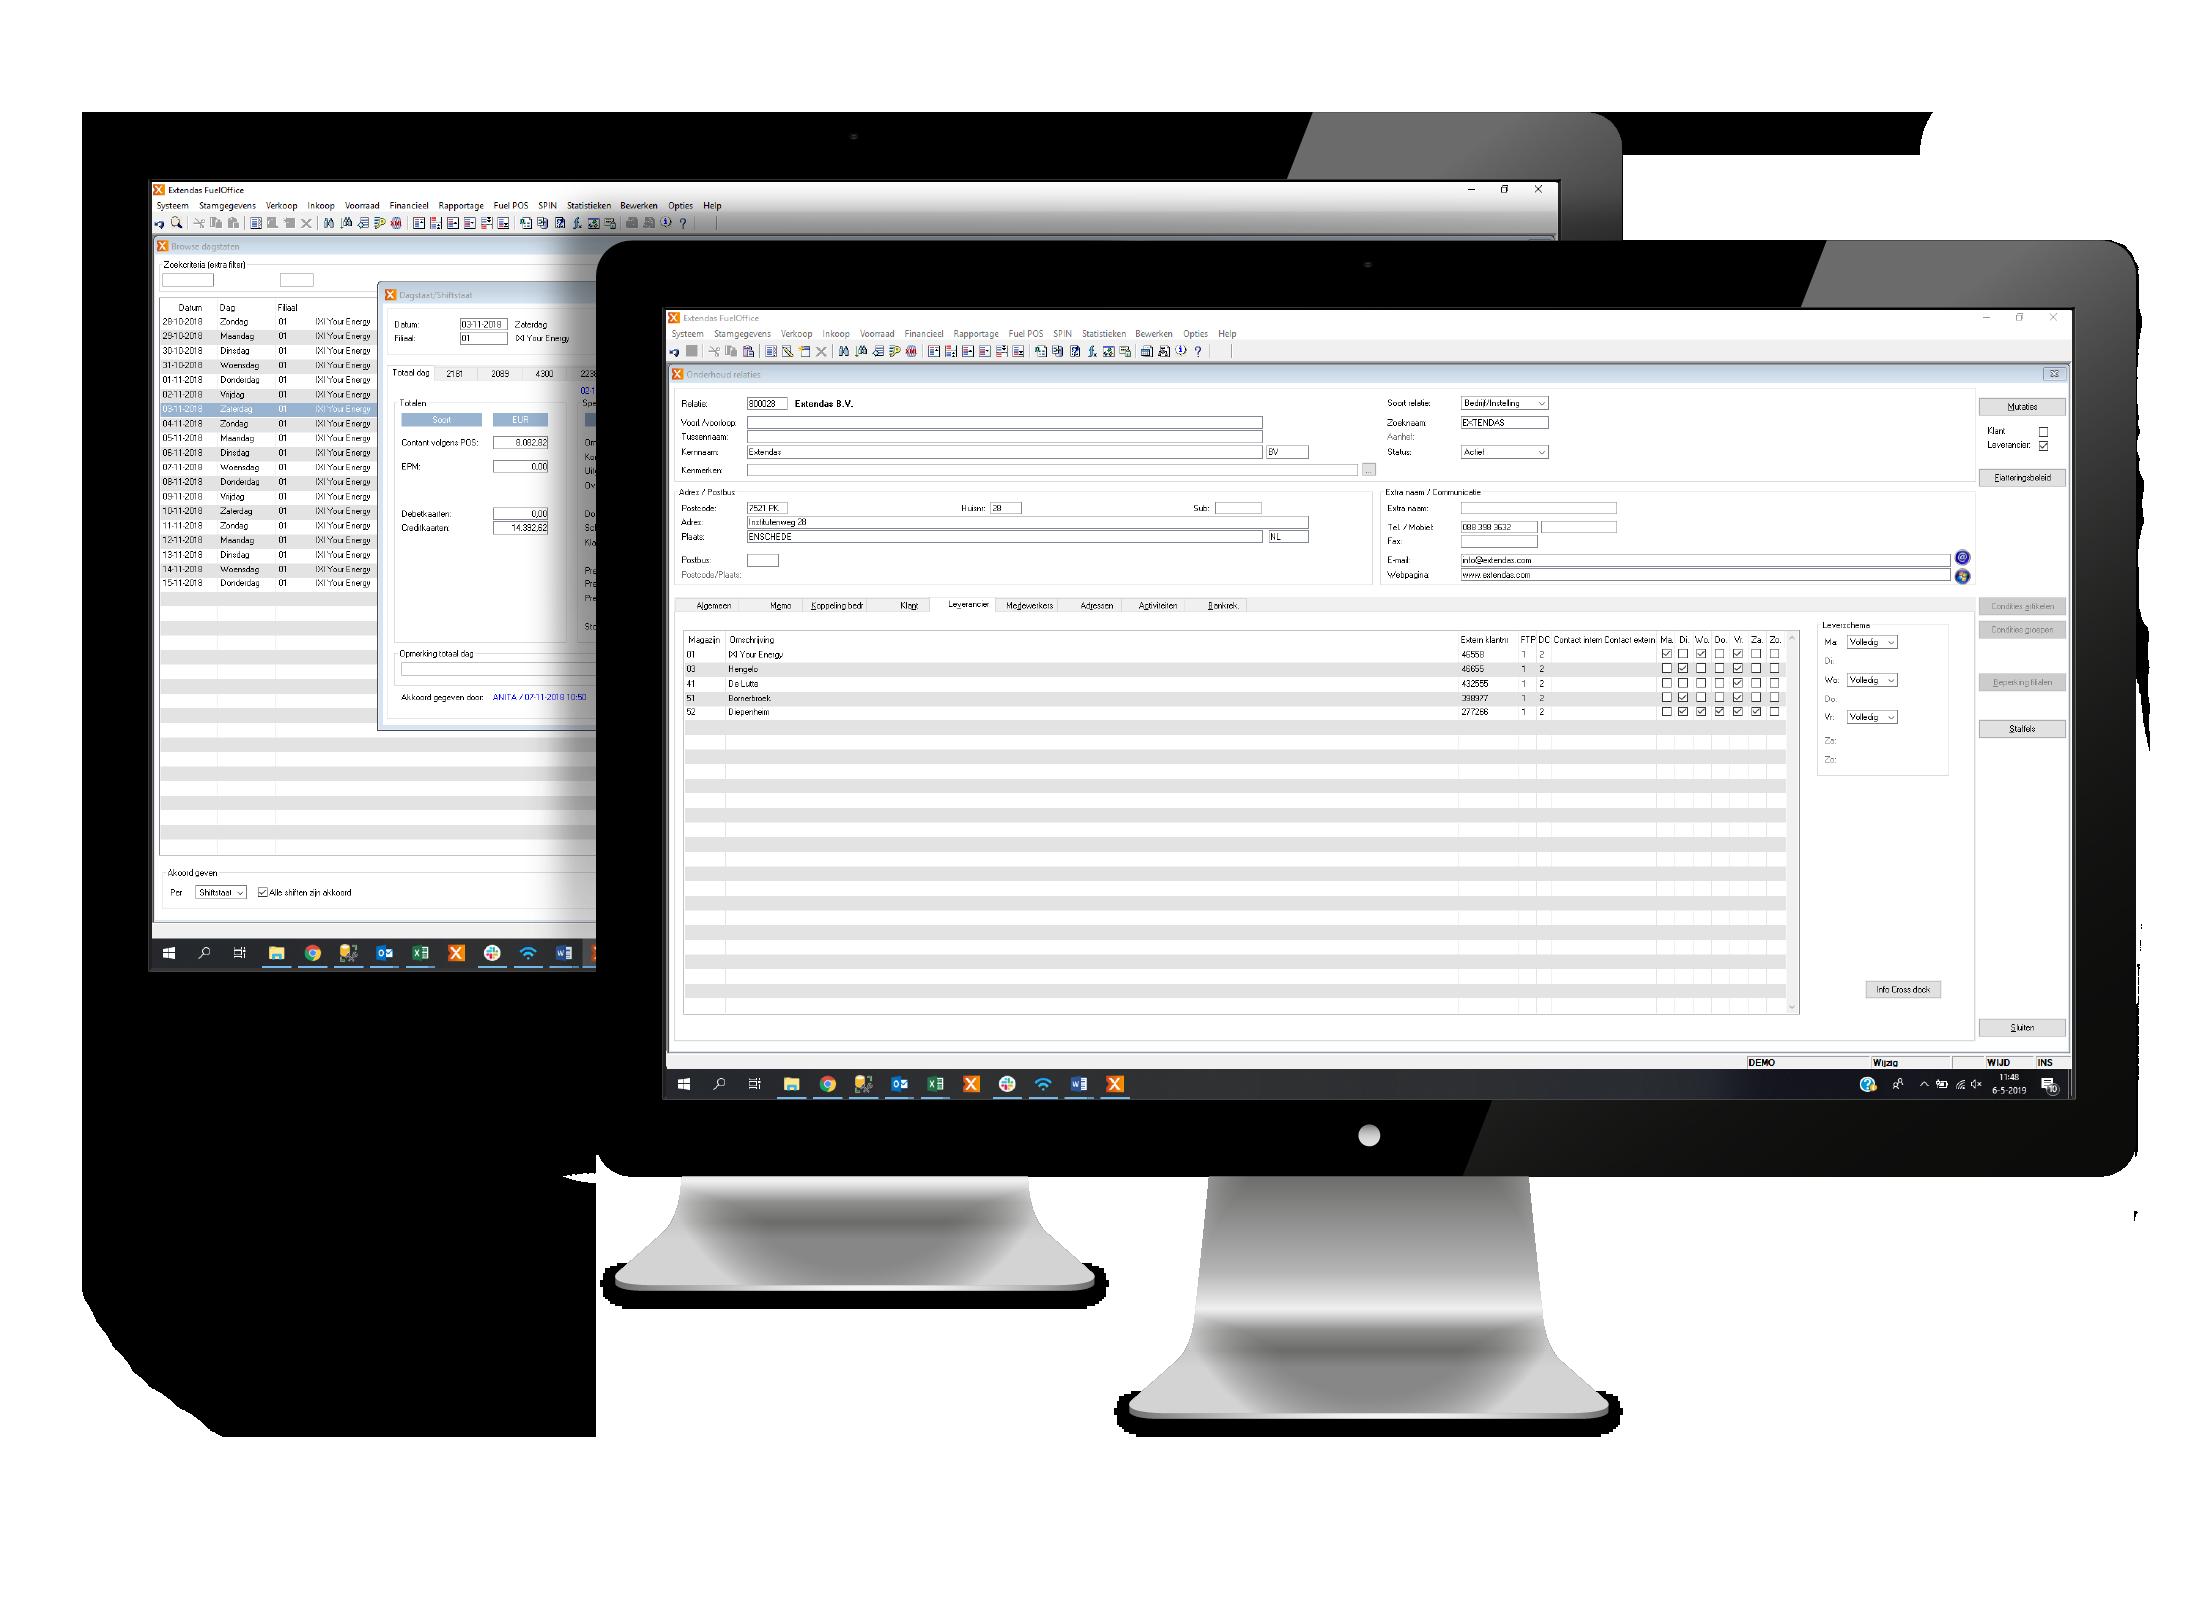 Dagstaten en relatiebeheer scherm in FuelOffice